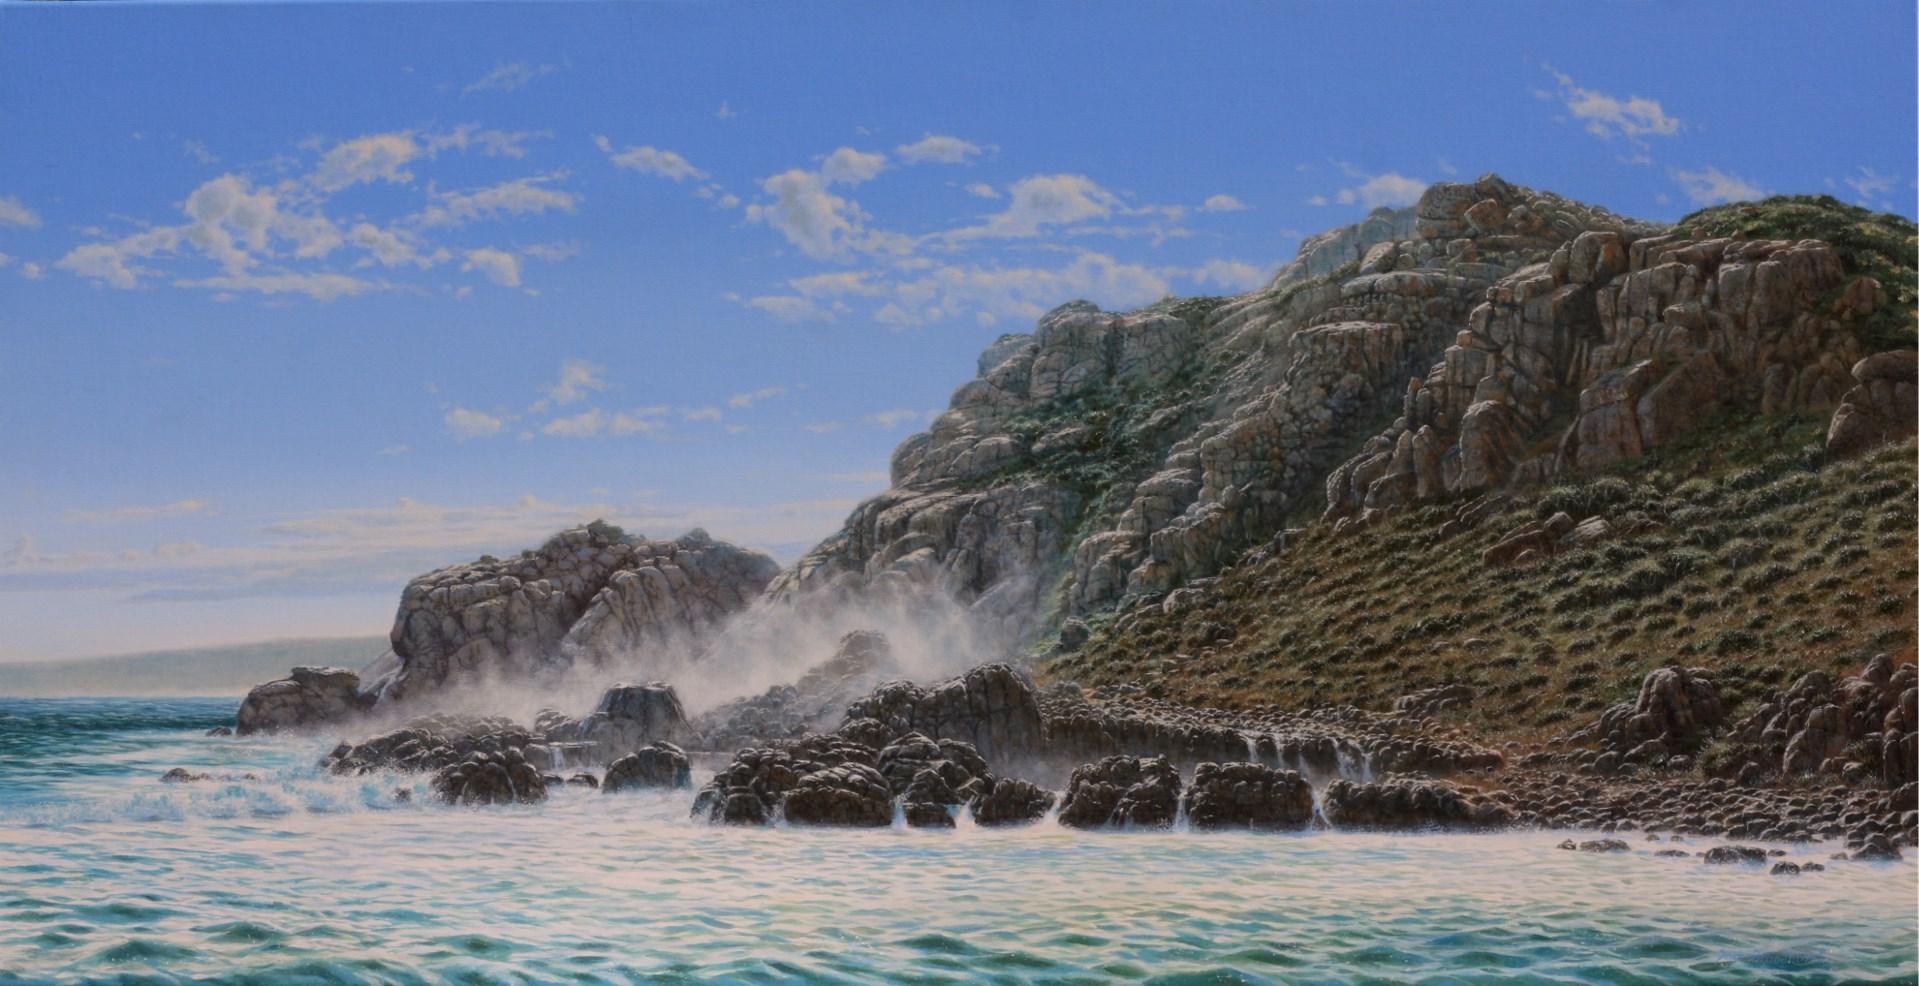 BIG SWELL by Sam Broadhurst Acrylic on canvas 101 x 198 cm